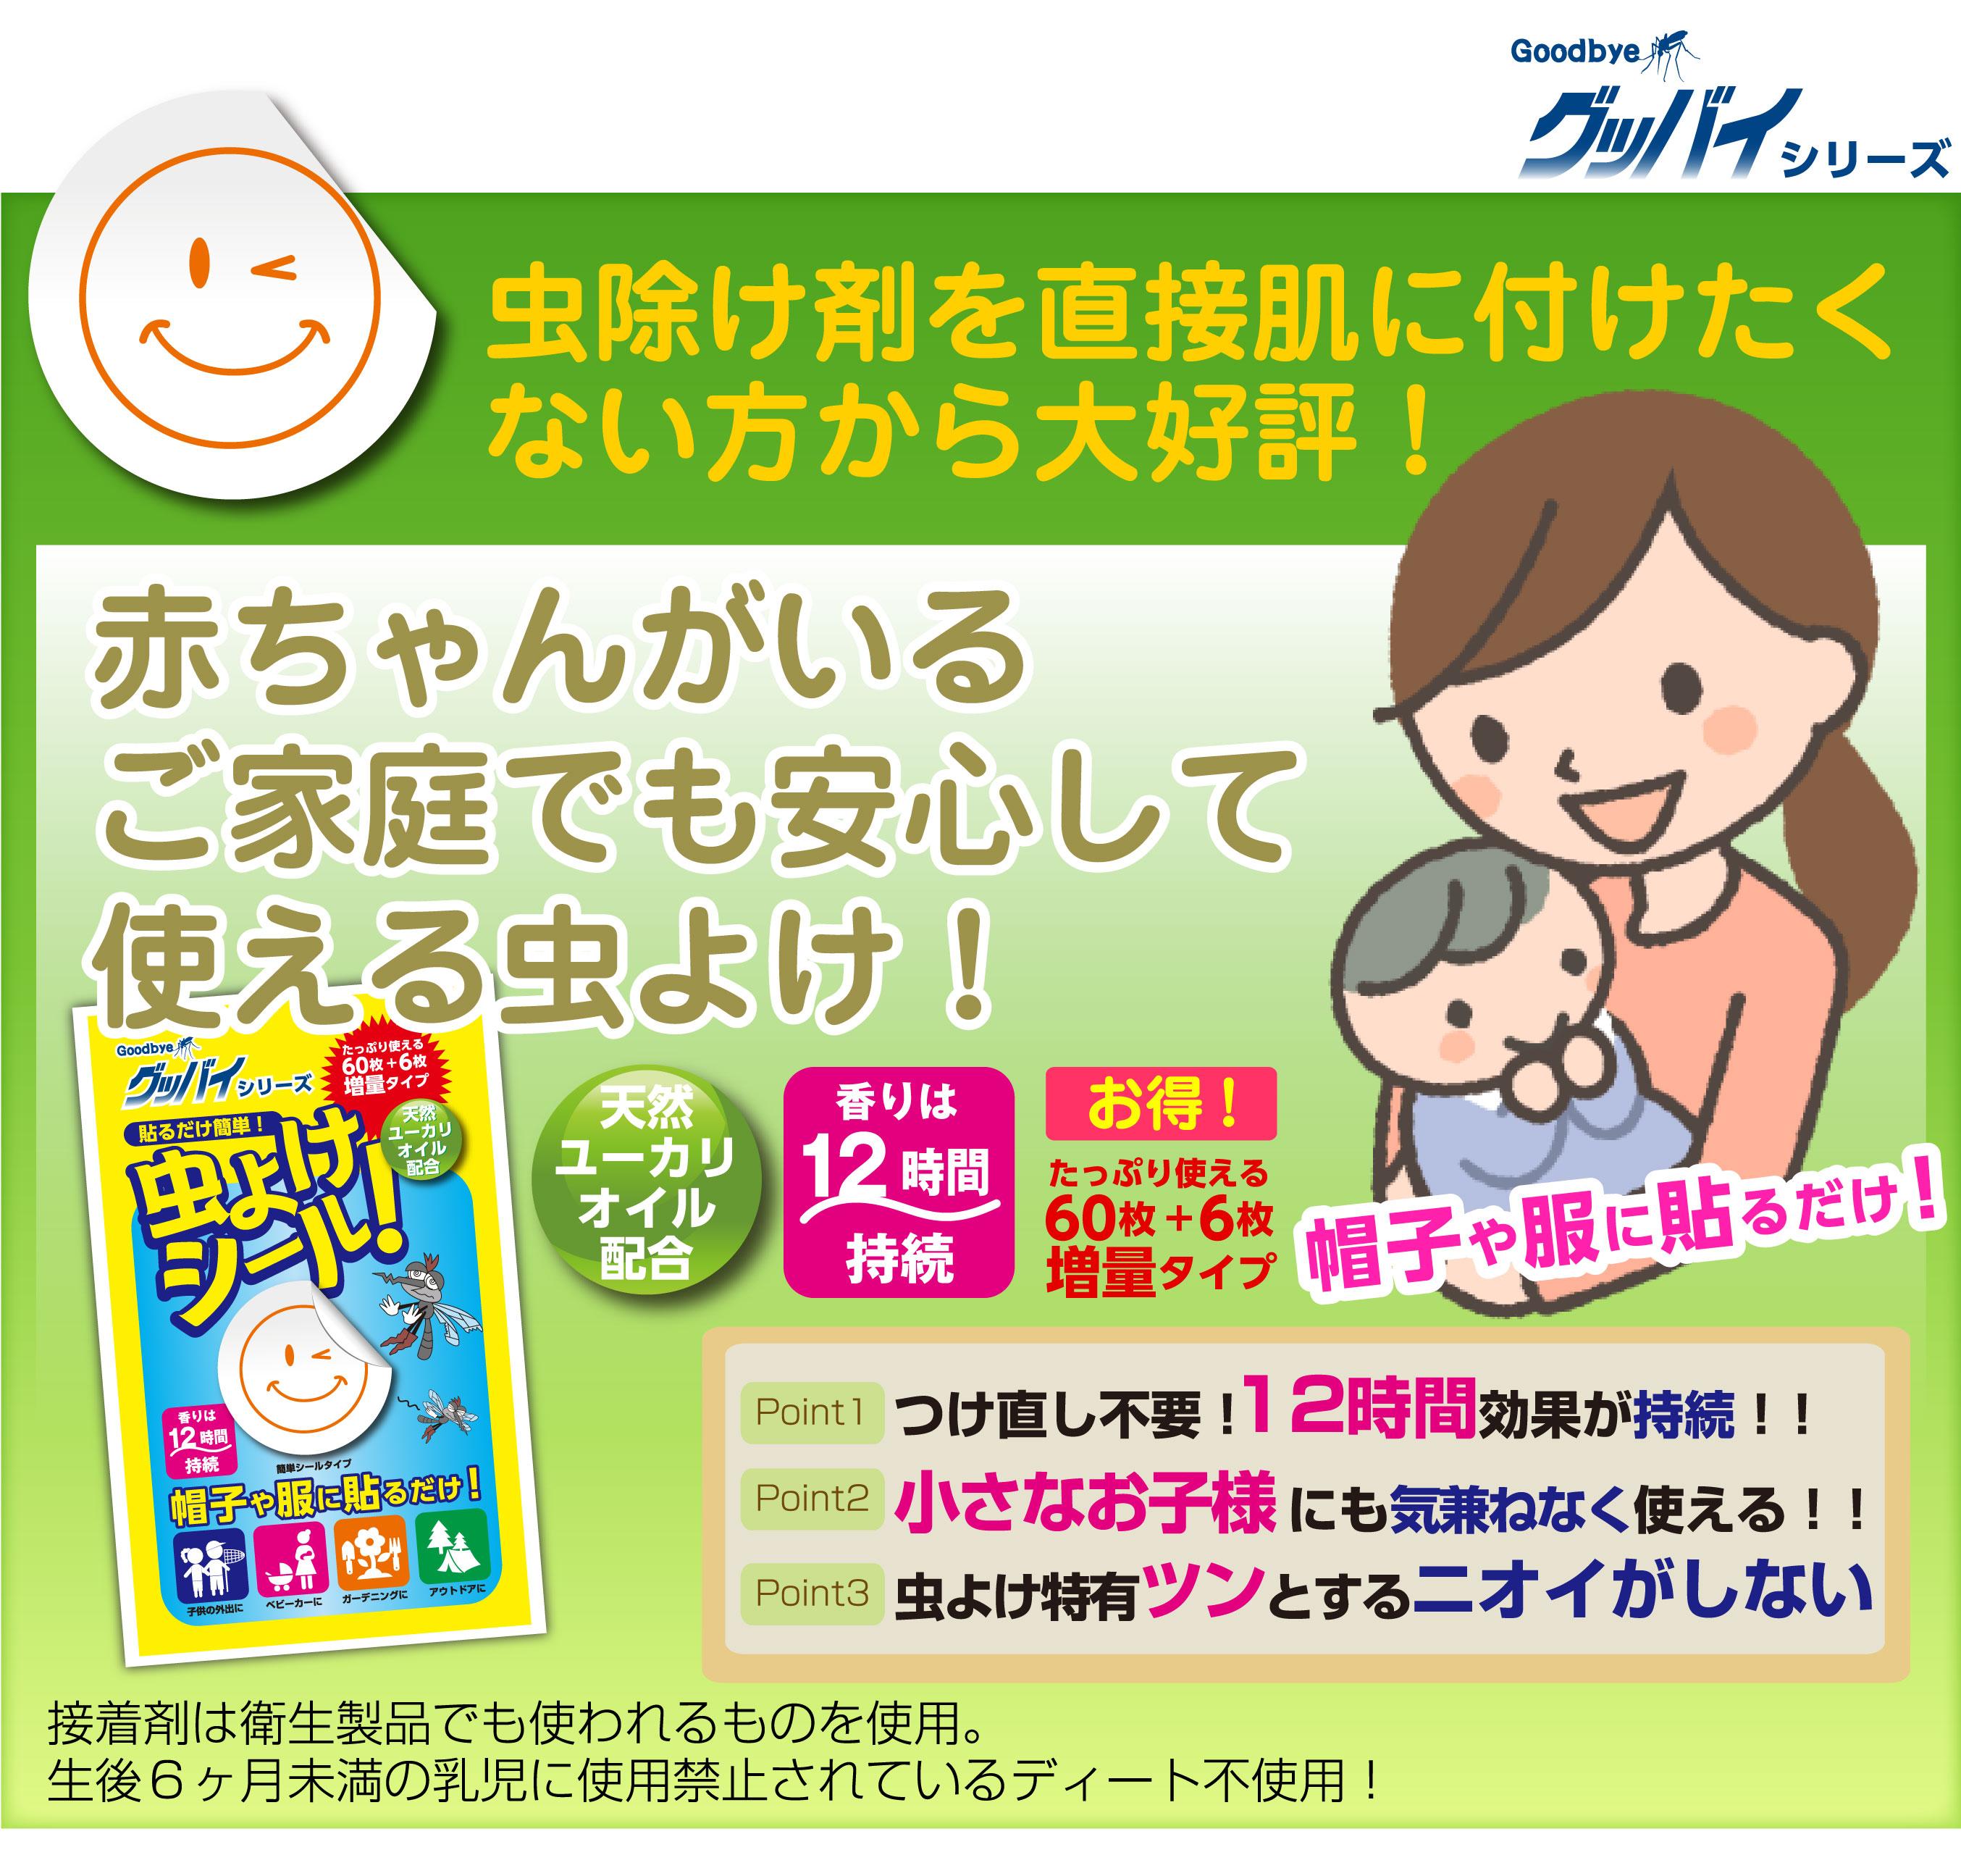 グッバイシリーズ 虫よけシール!販促Webページ